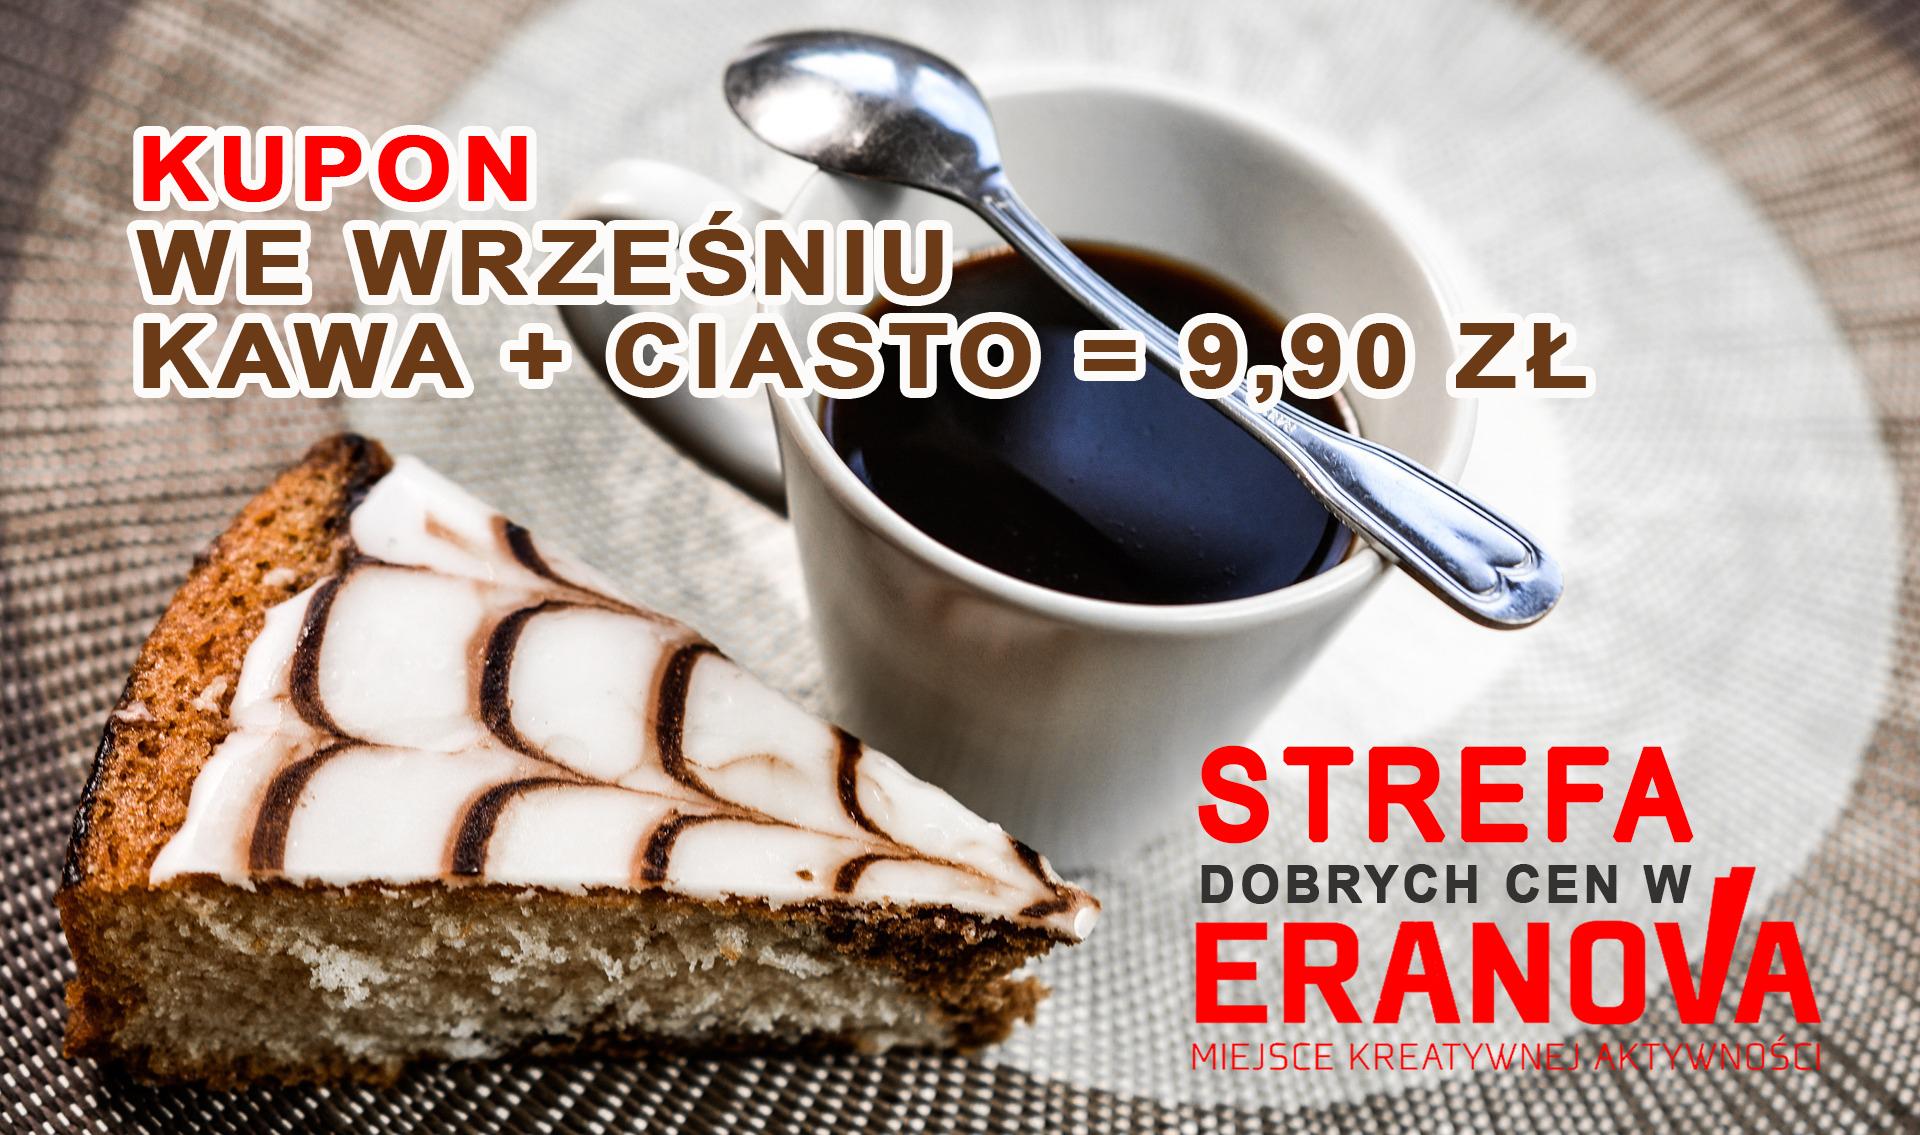 http://m.eranova.pl/2018/08/orig/kupon-kawa-ciacho-2702.jpg